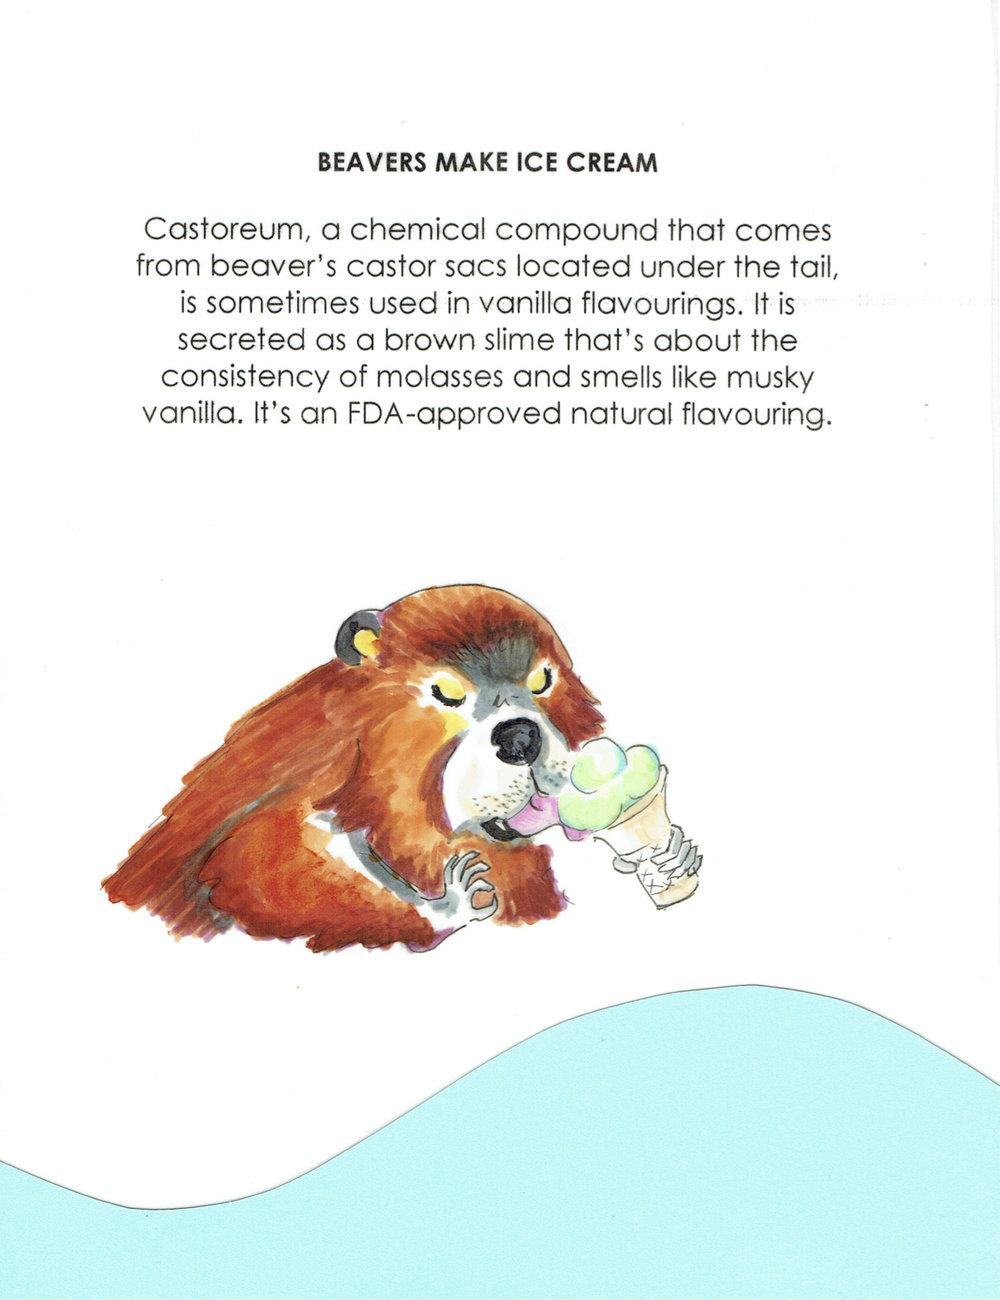 Beavers Make Ice Cream.jpg